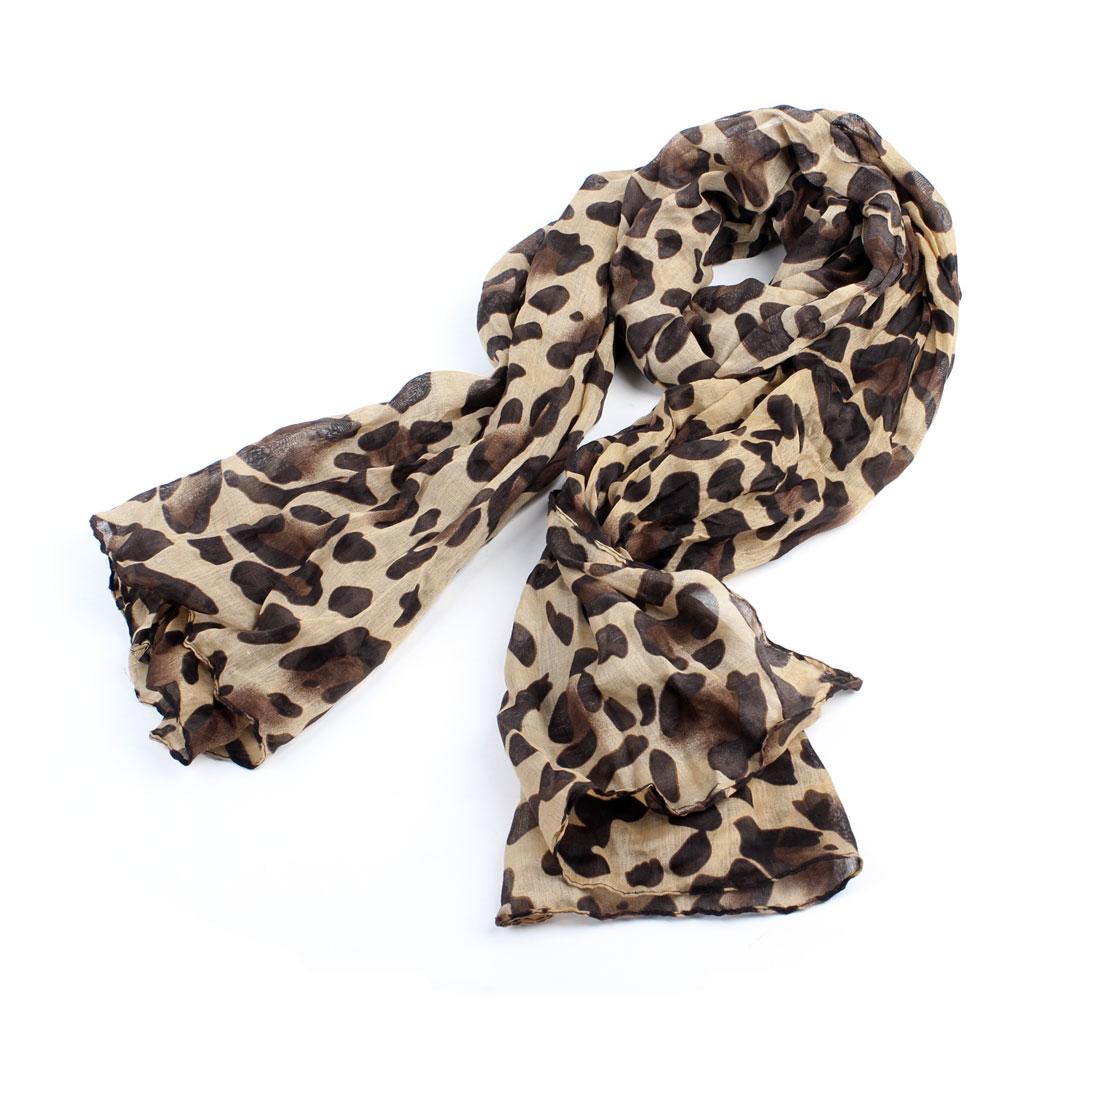 Woman Leopard Prints Rectangle 165cm x 84cm Neck Scarf Shawl Khaki Brown Black